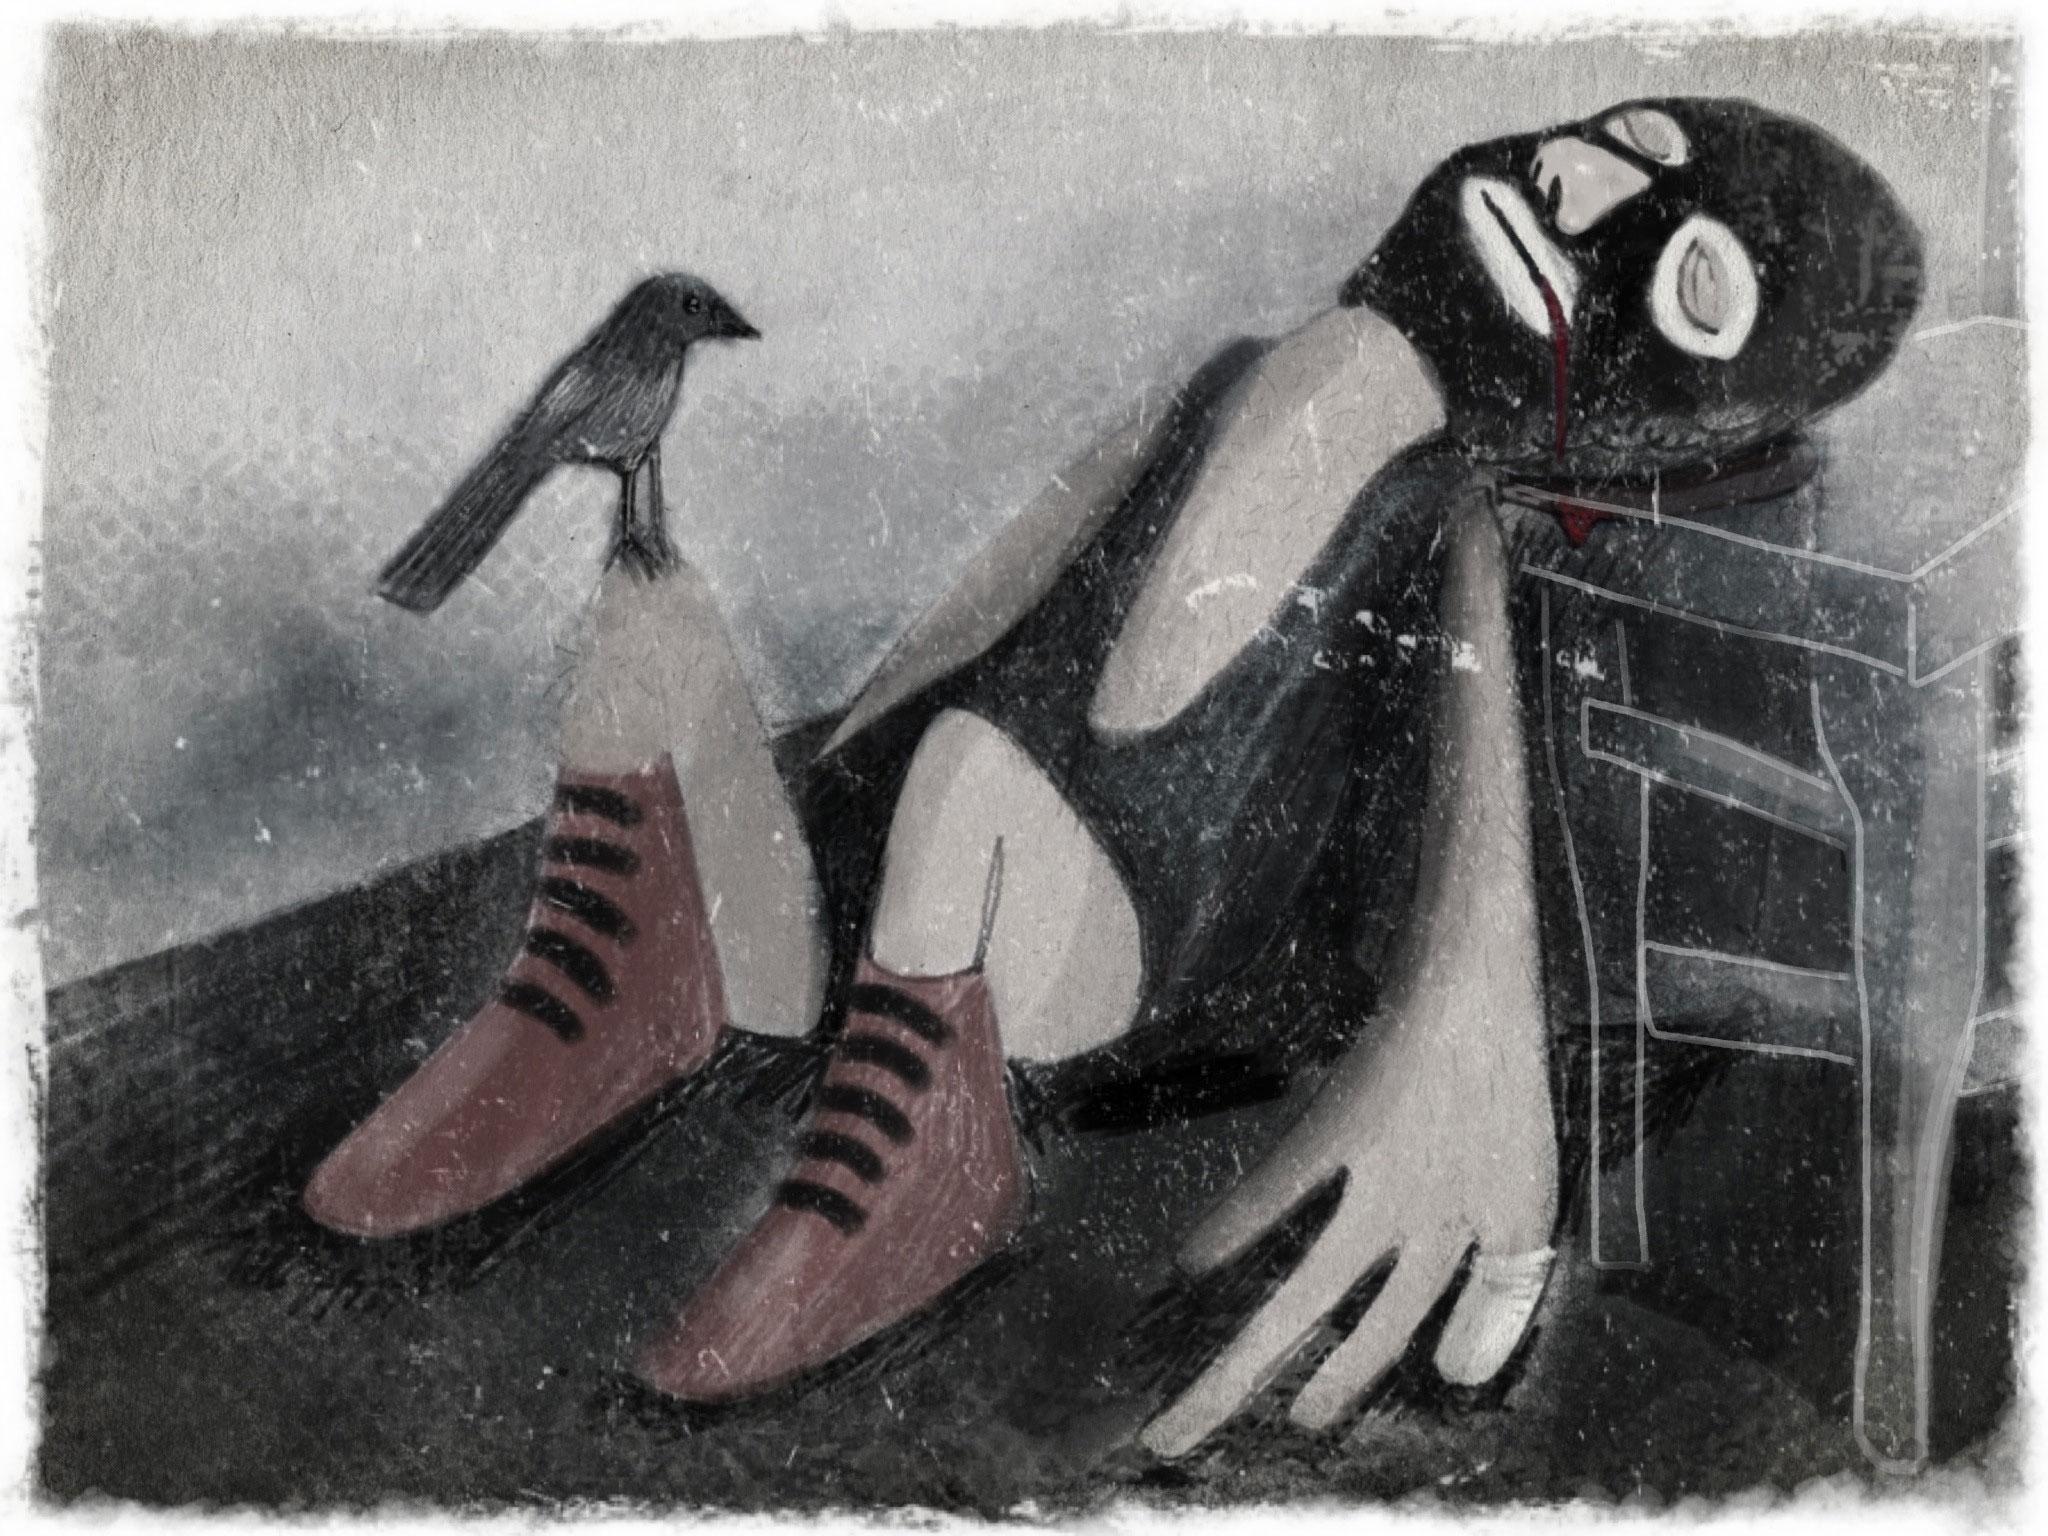 Magpie Cornerman